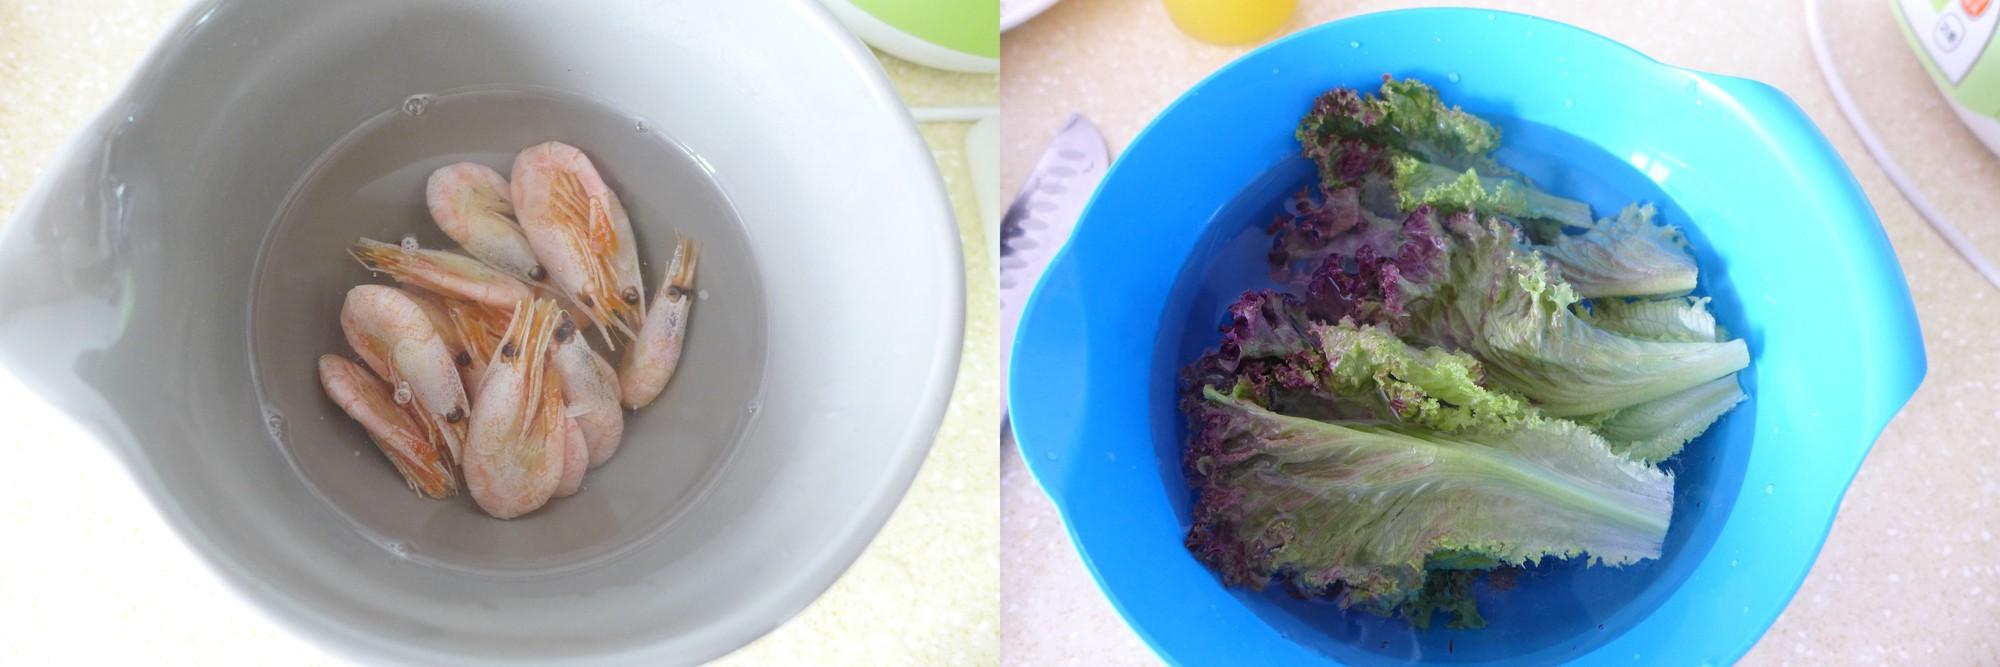 Salad tôm xoài - Ảnh 1.